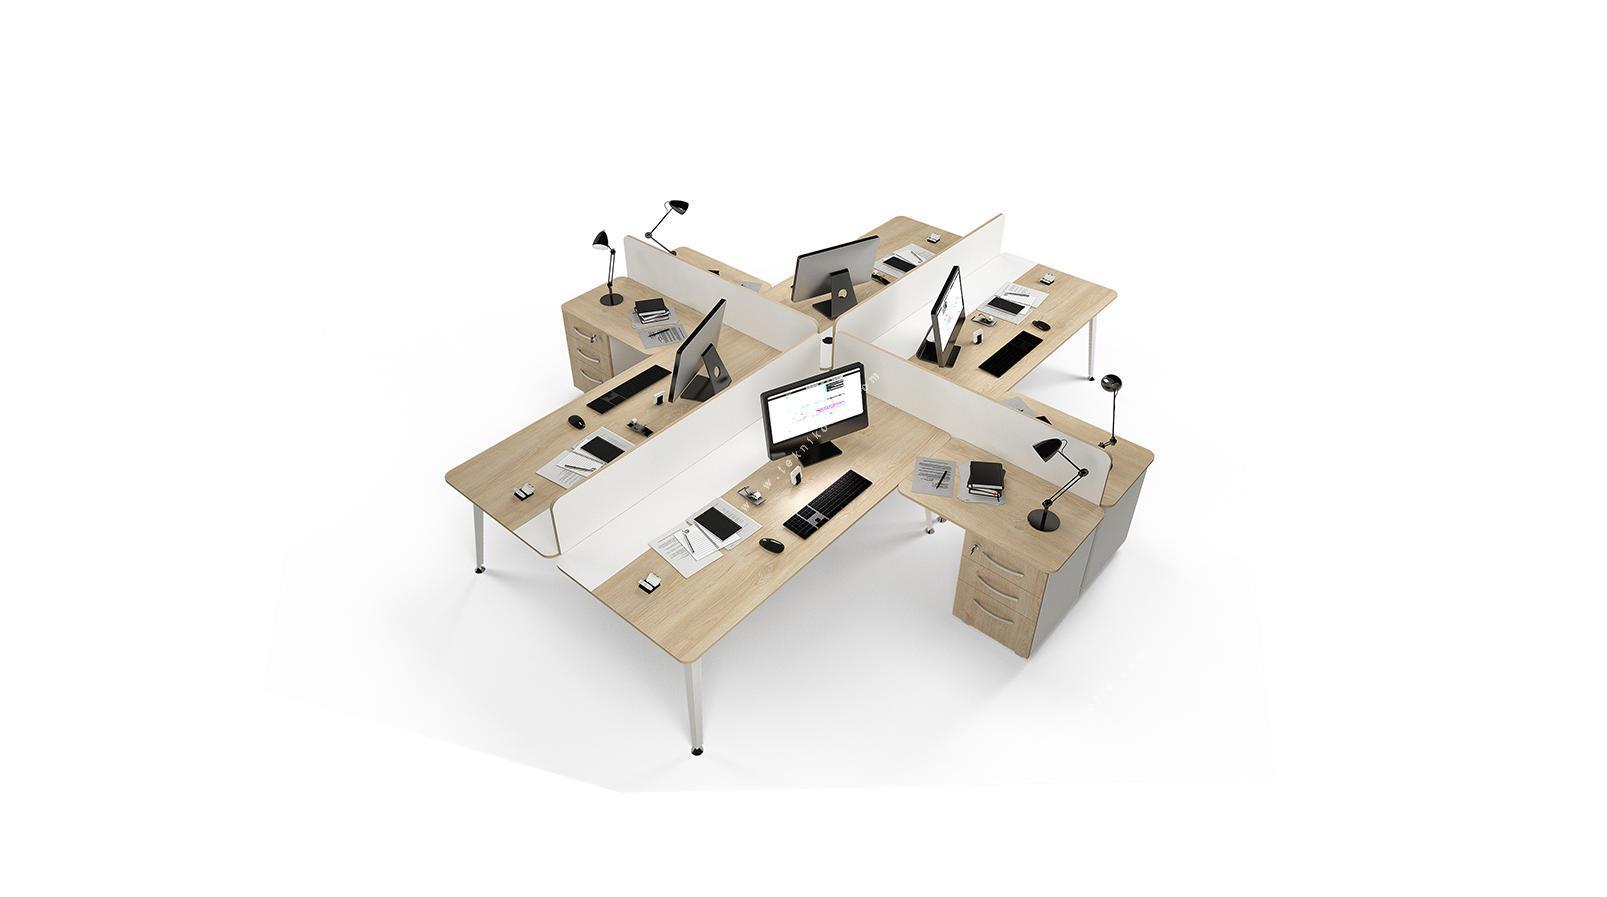 rediste melamin seperatörlü etajerli dörtlü çalışma masası 282cm